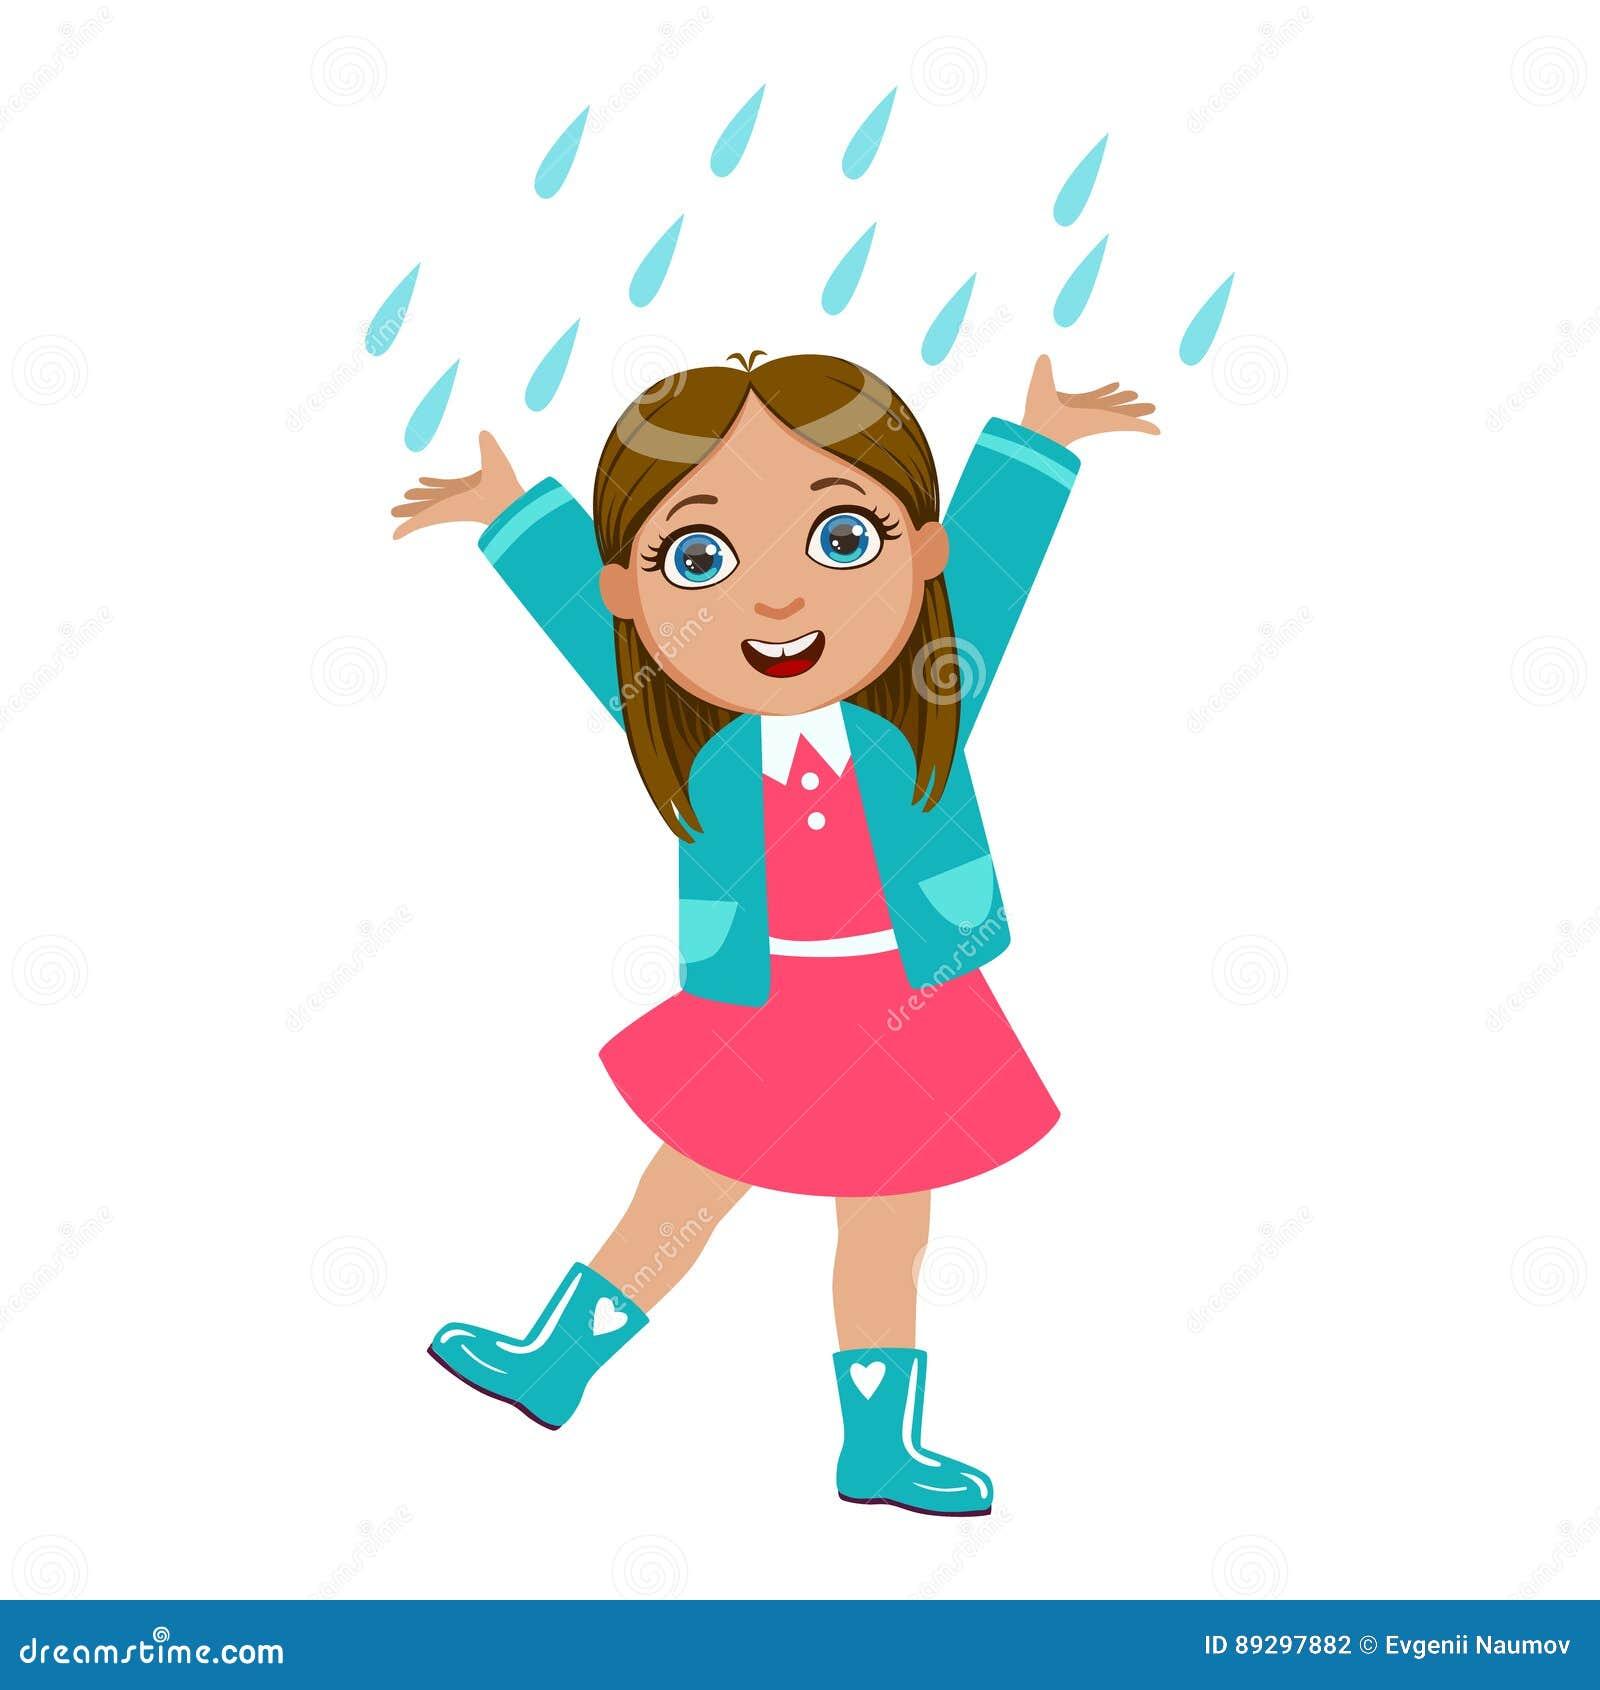 dancing rain stock illustrations 134 dancing rain stock rh dreamstime com Snoopy Dancing Clip Art Line Dancing Clip Art